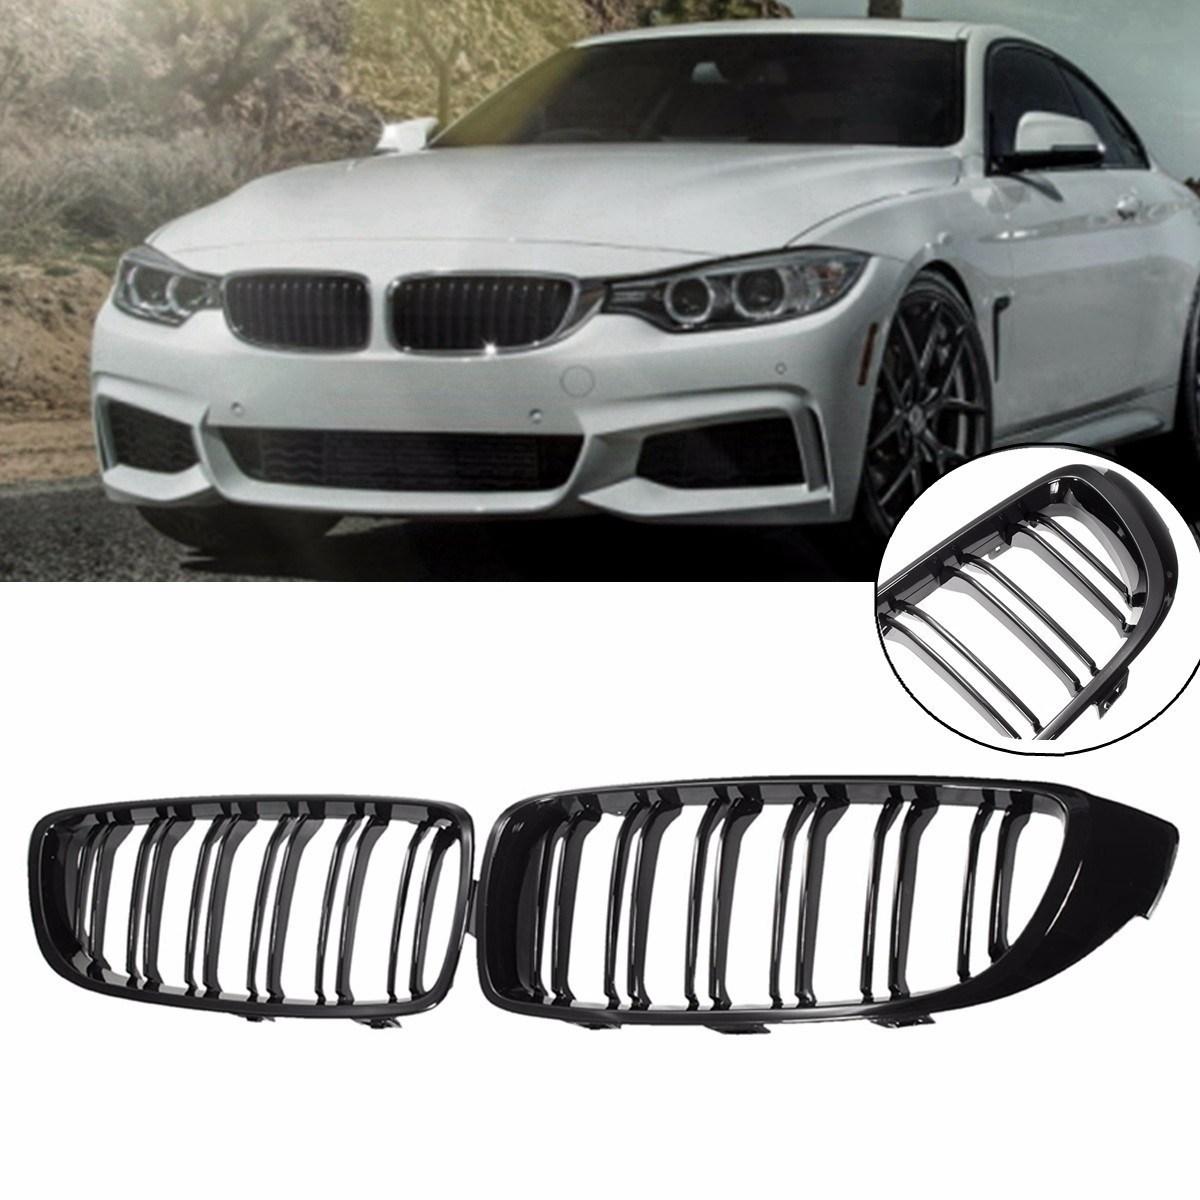 BMW キドニー グリル 本体 フロント バンパー カバー 4シリーズ用 F34F32F33F36 F83F82 M4 Mスポーツなど 黒 ブラック 艶あり ダブルフィン_画像1